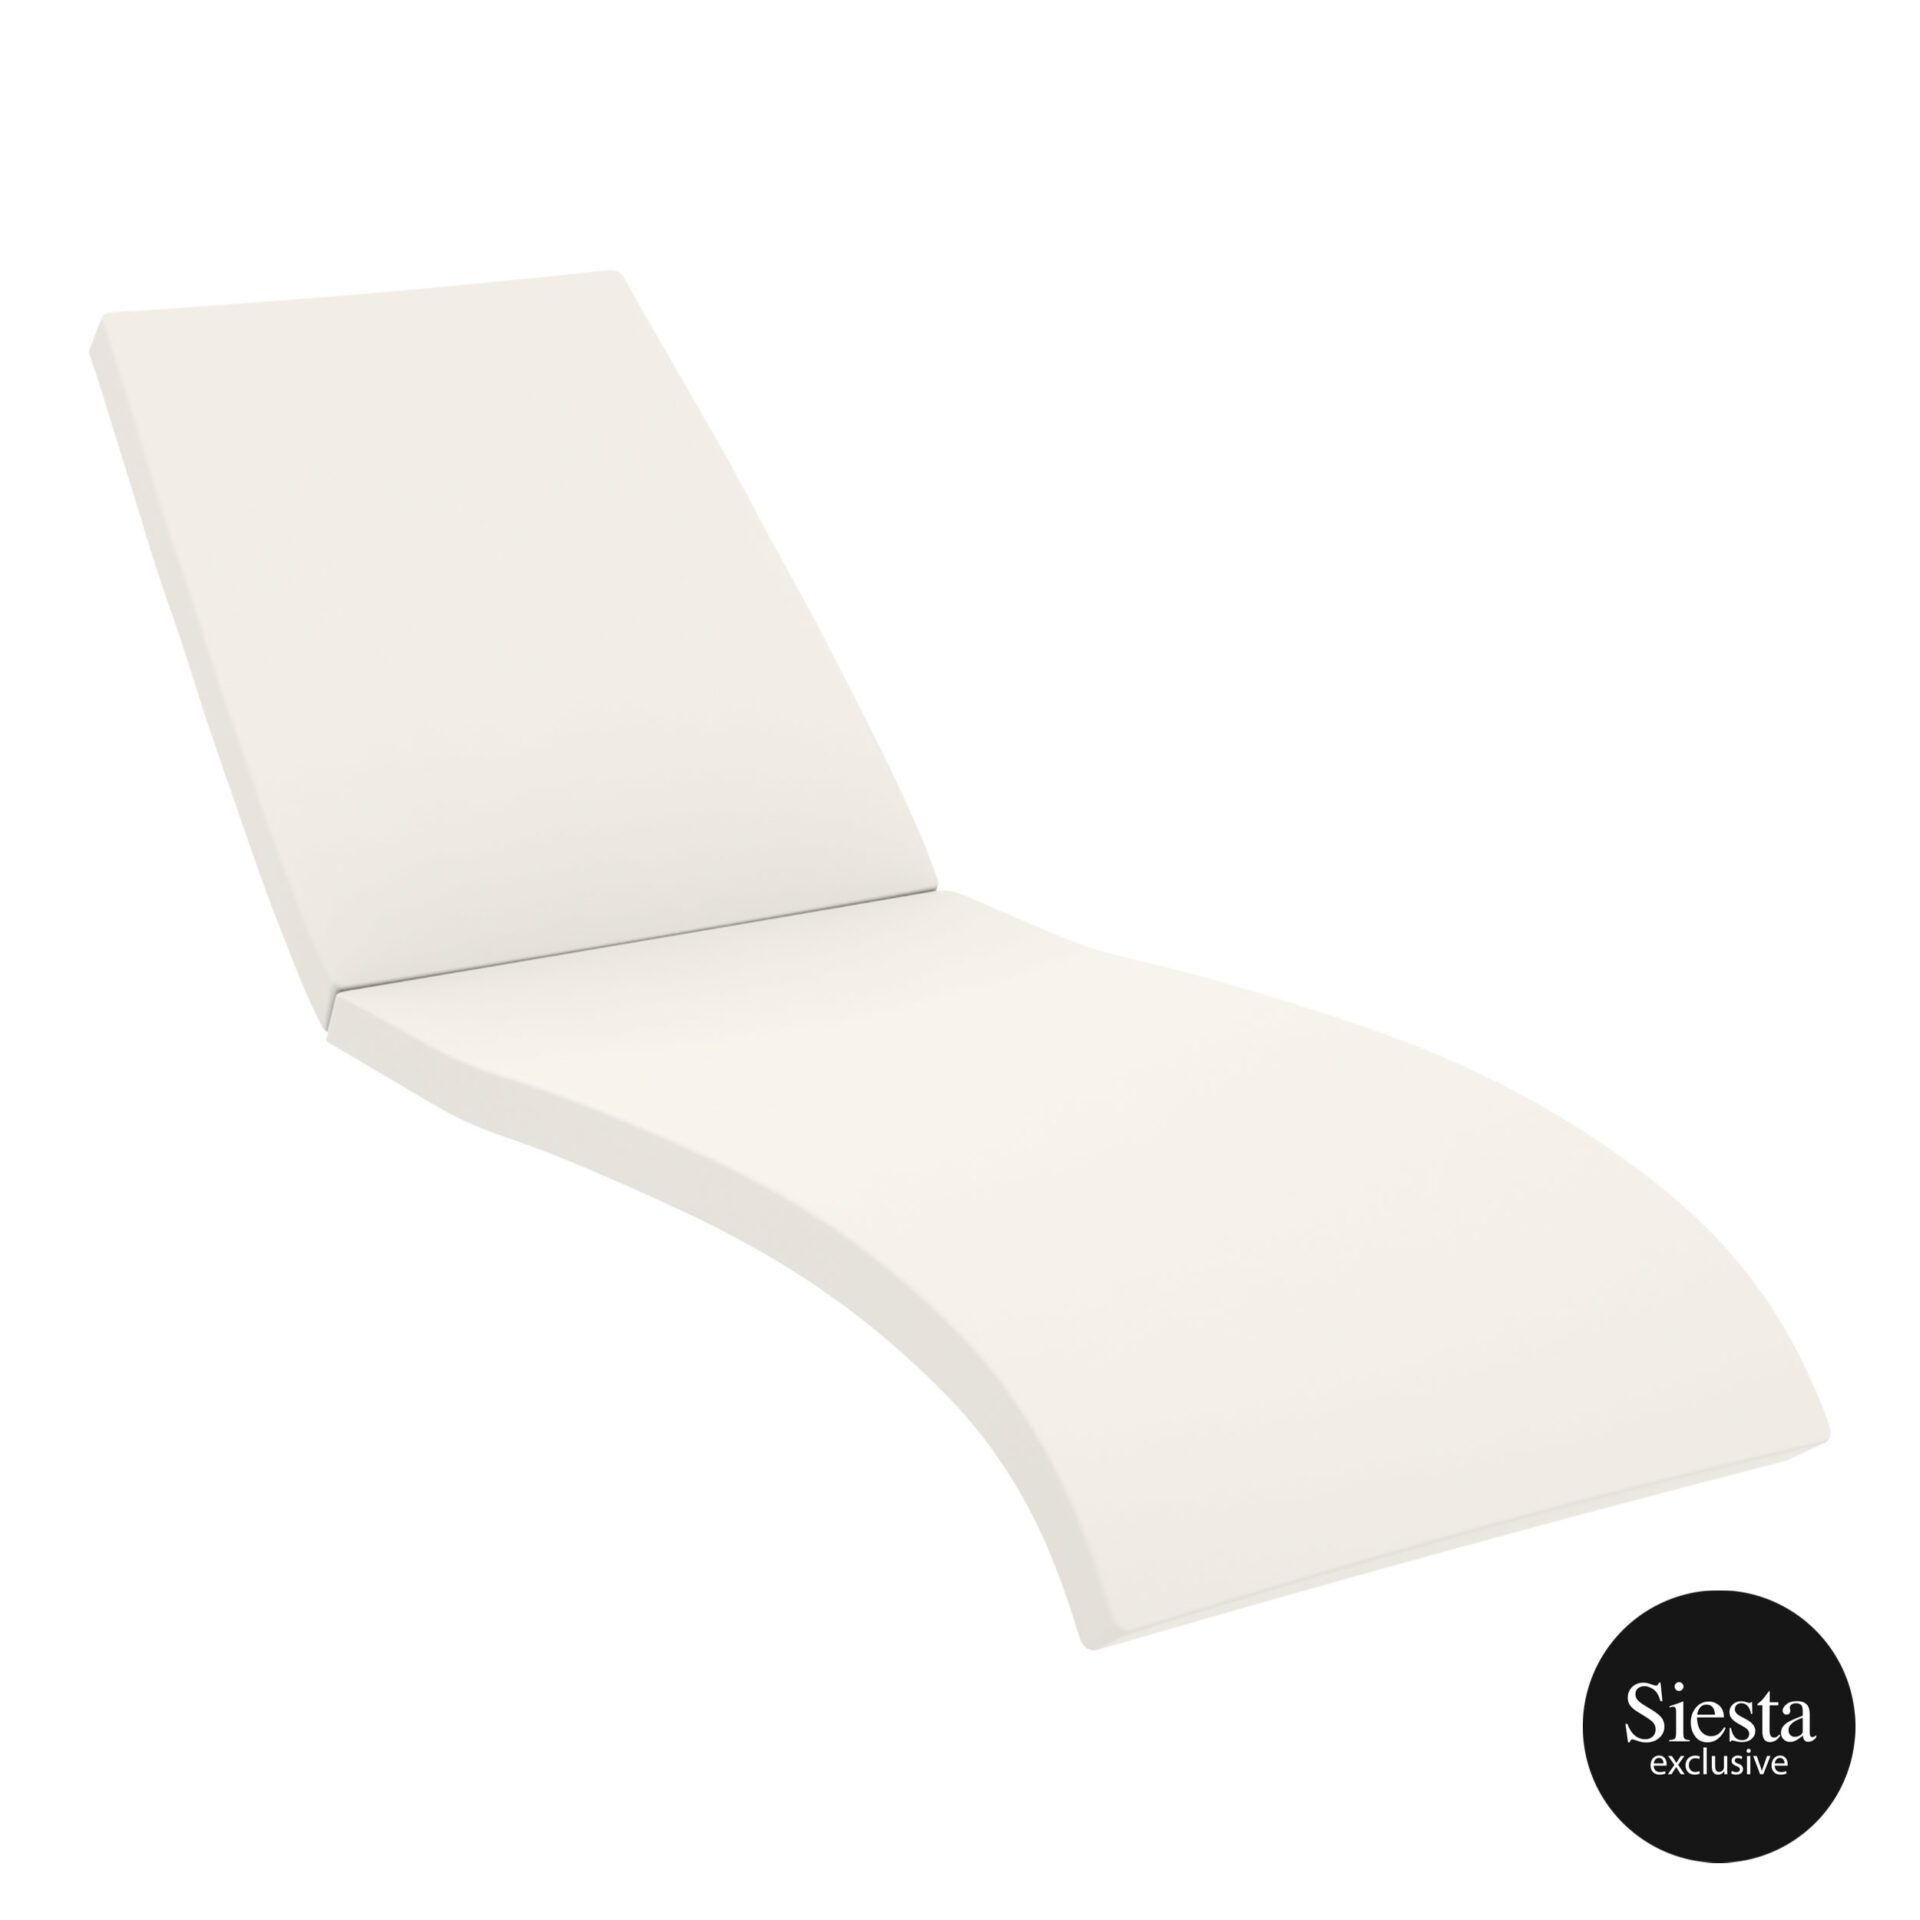 outdoor resin rattan fiji sunlounger cushion cushion 1